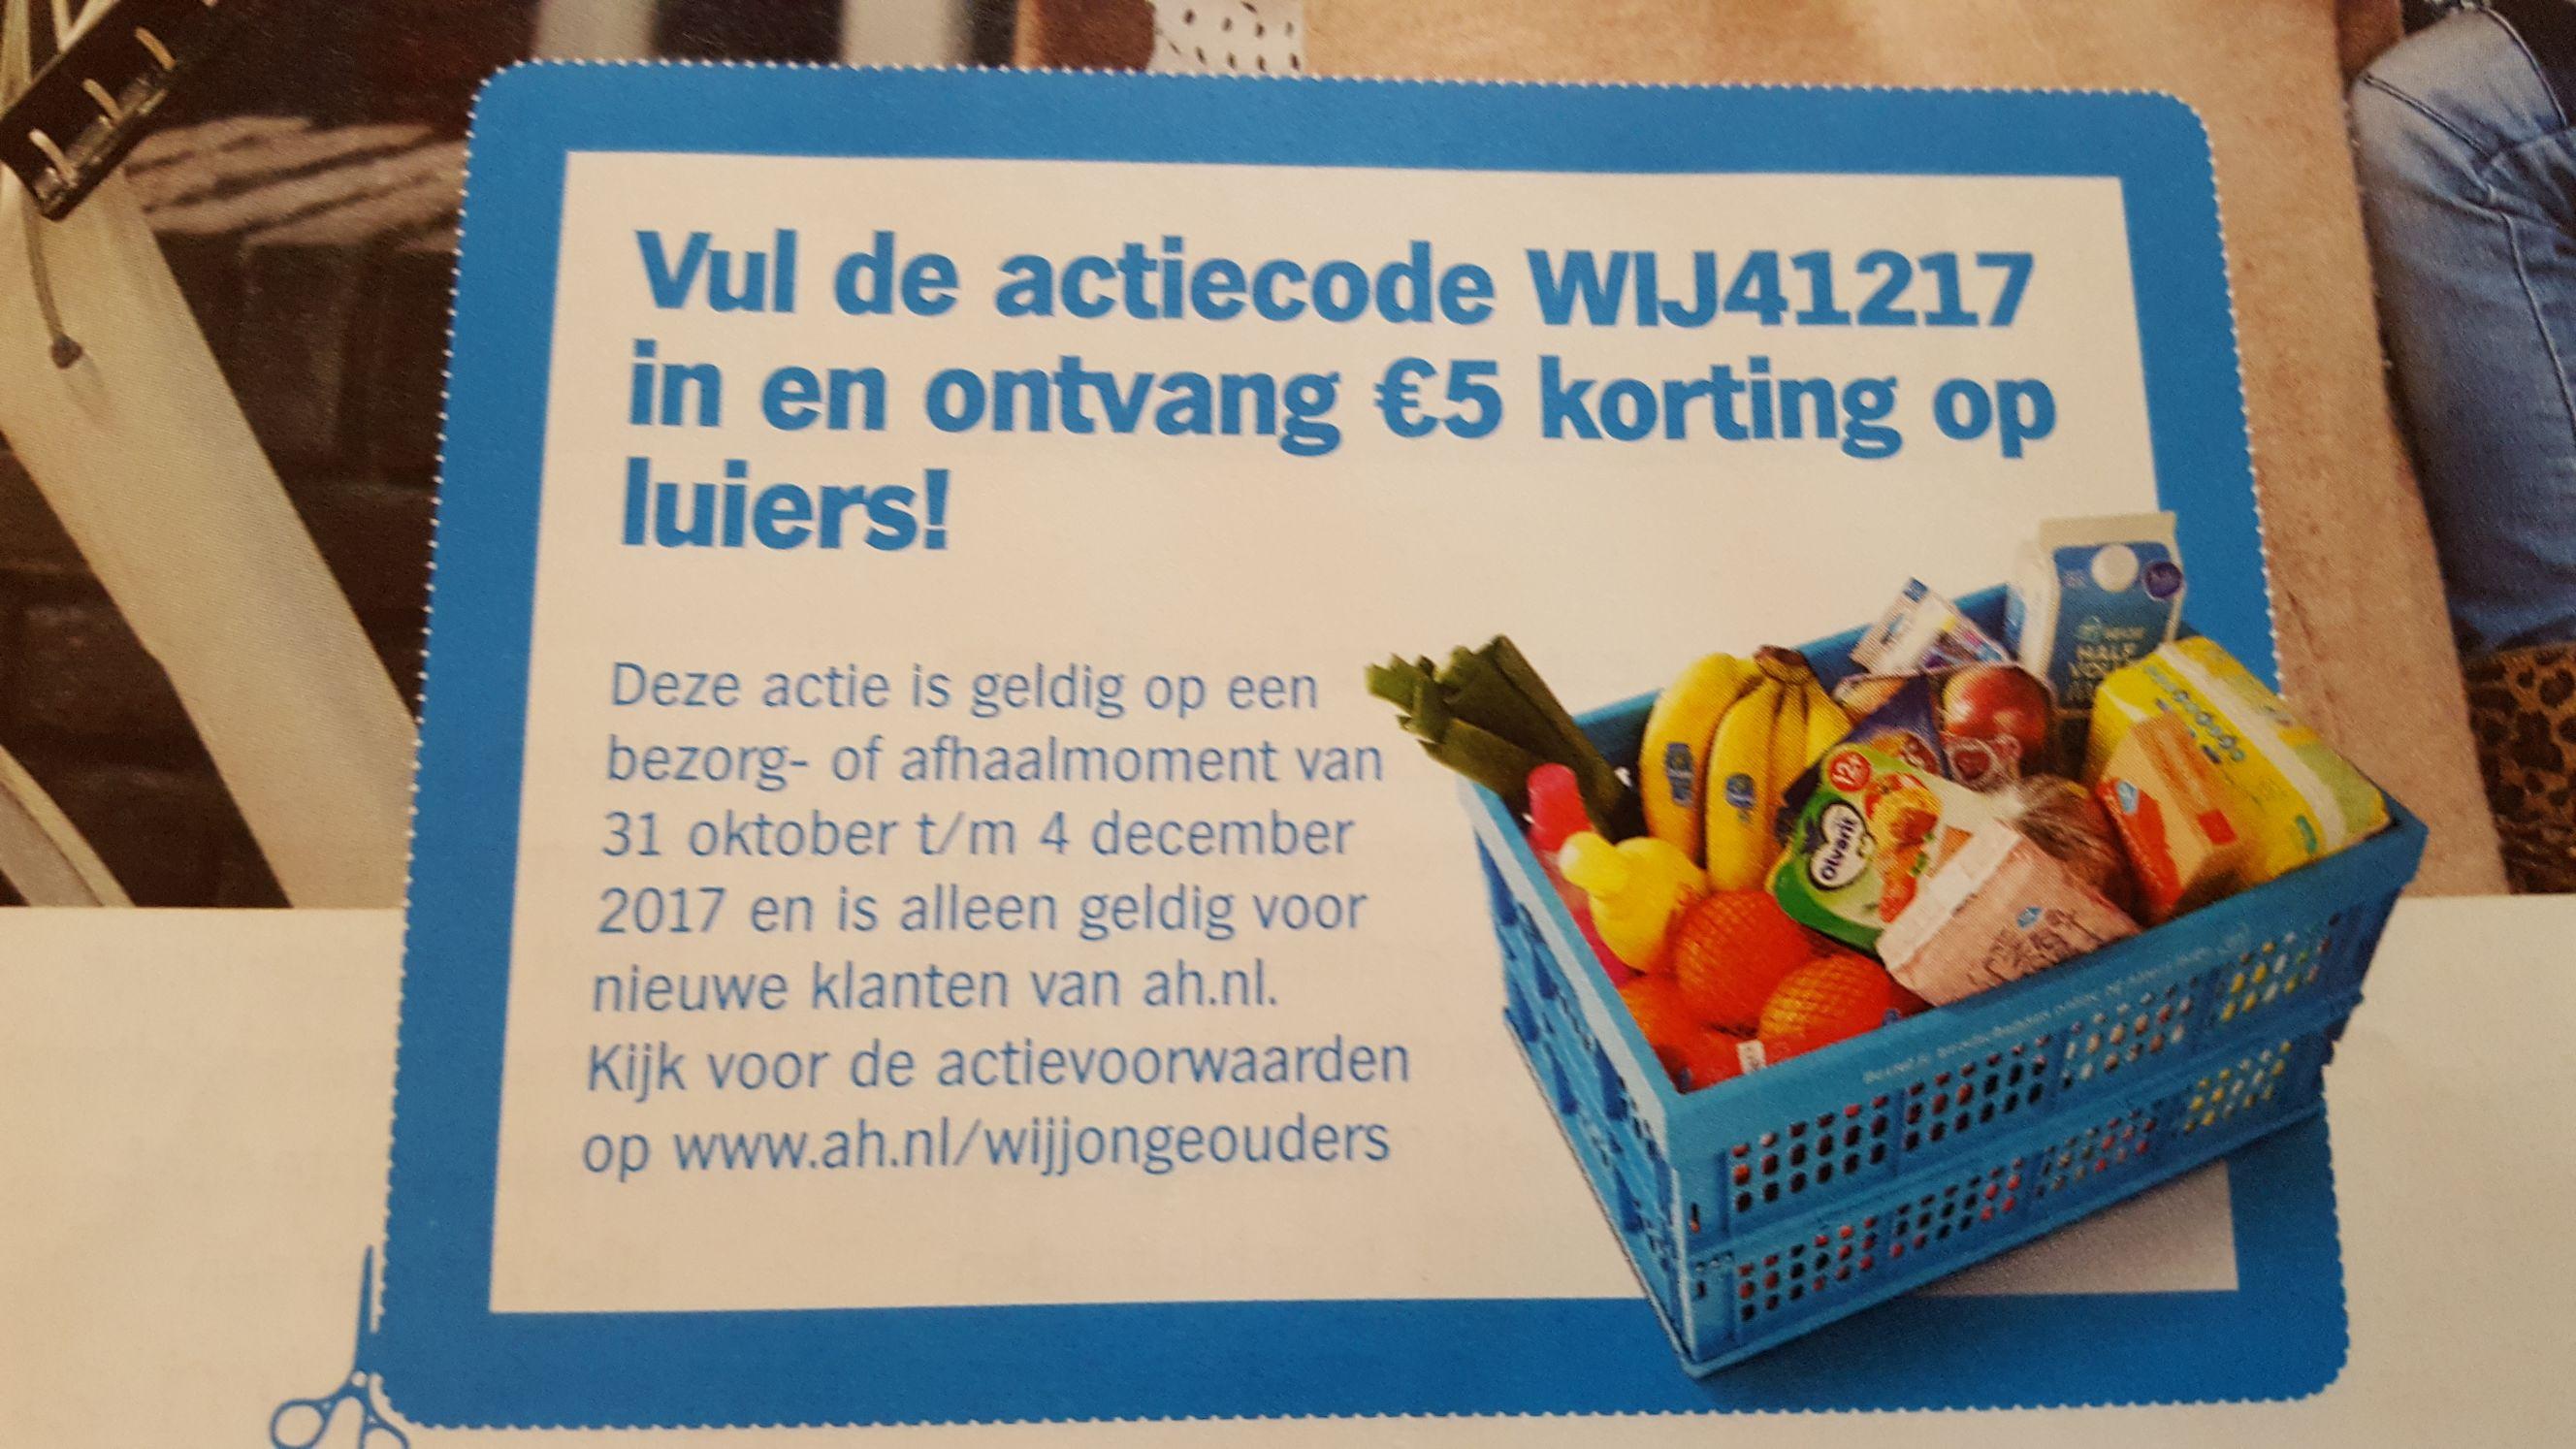 €5,- korting op luiers bij eerste bestelling @ ah.nl